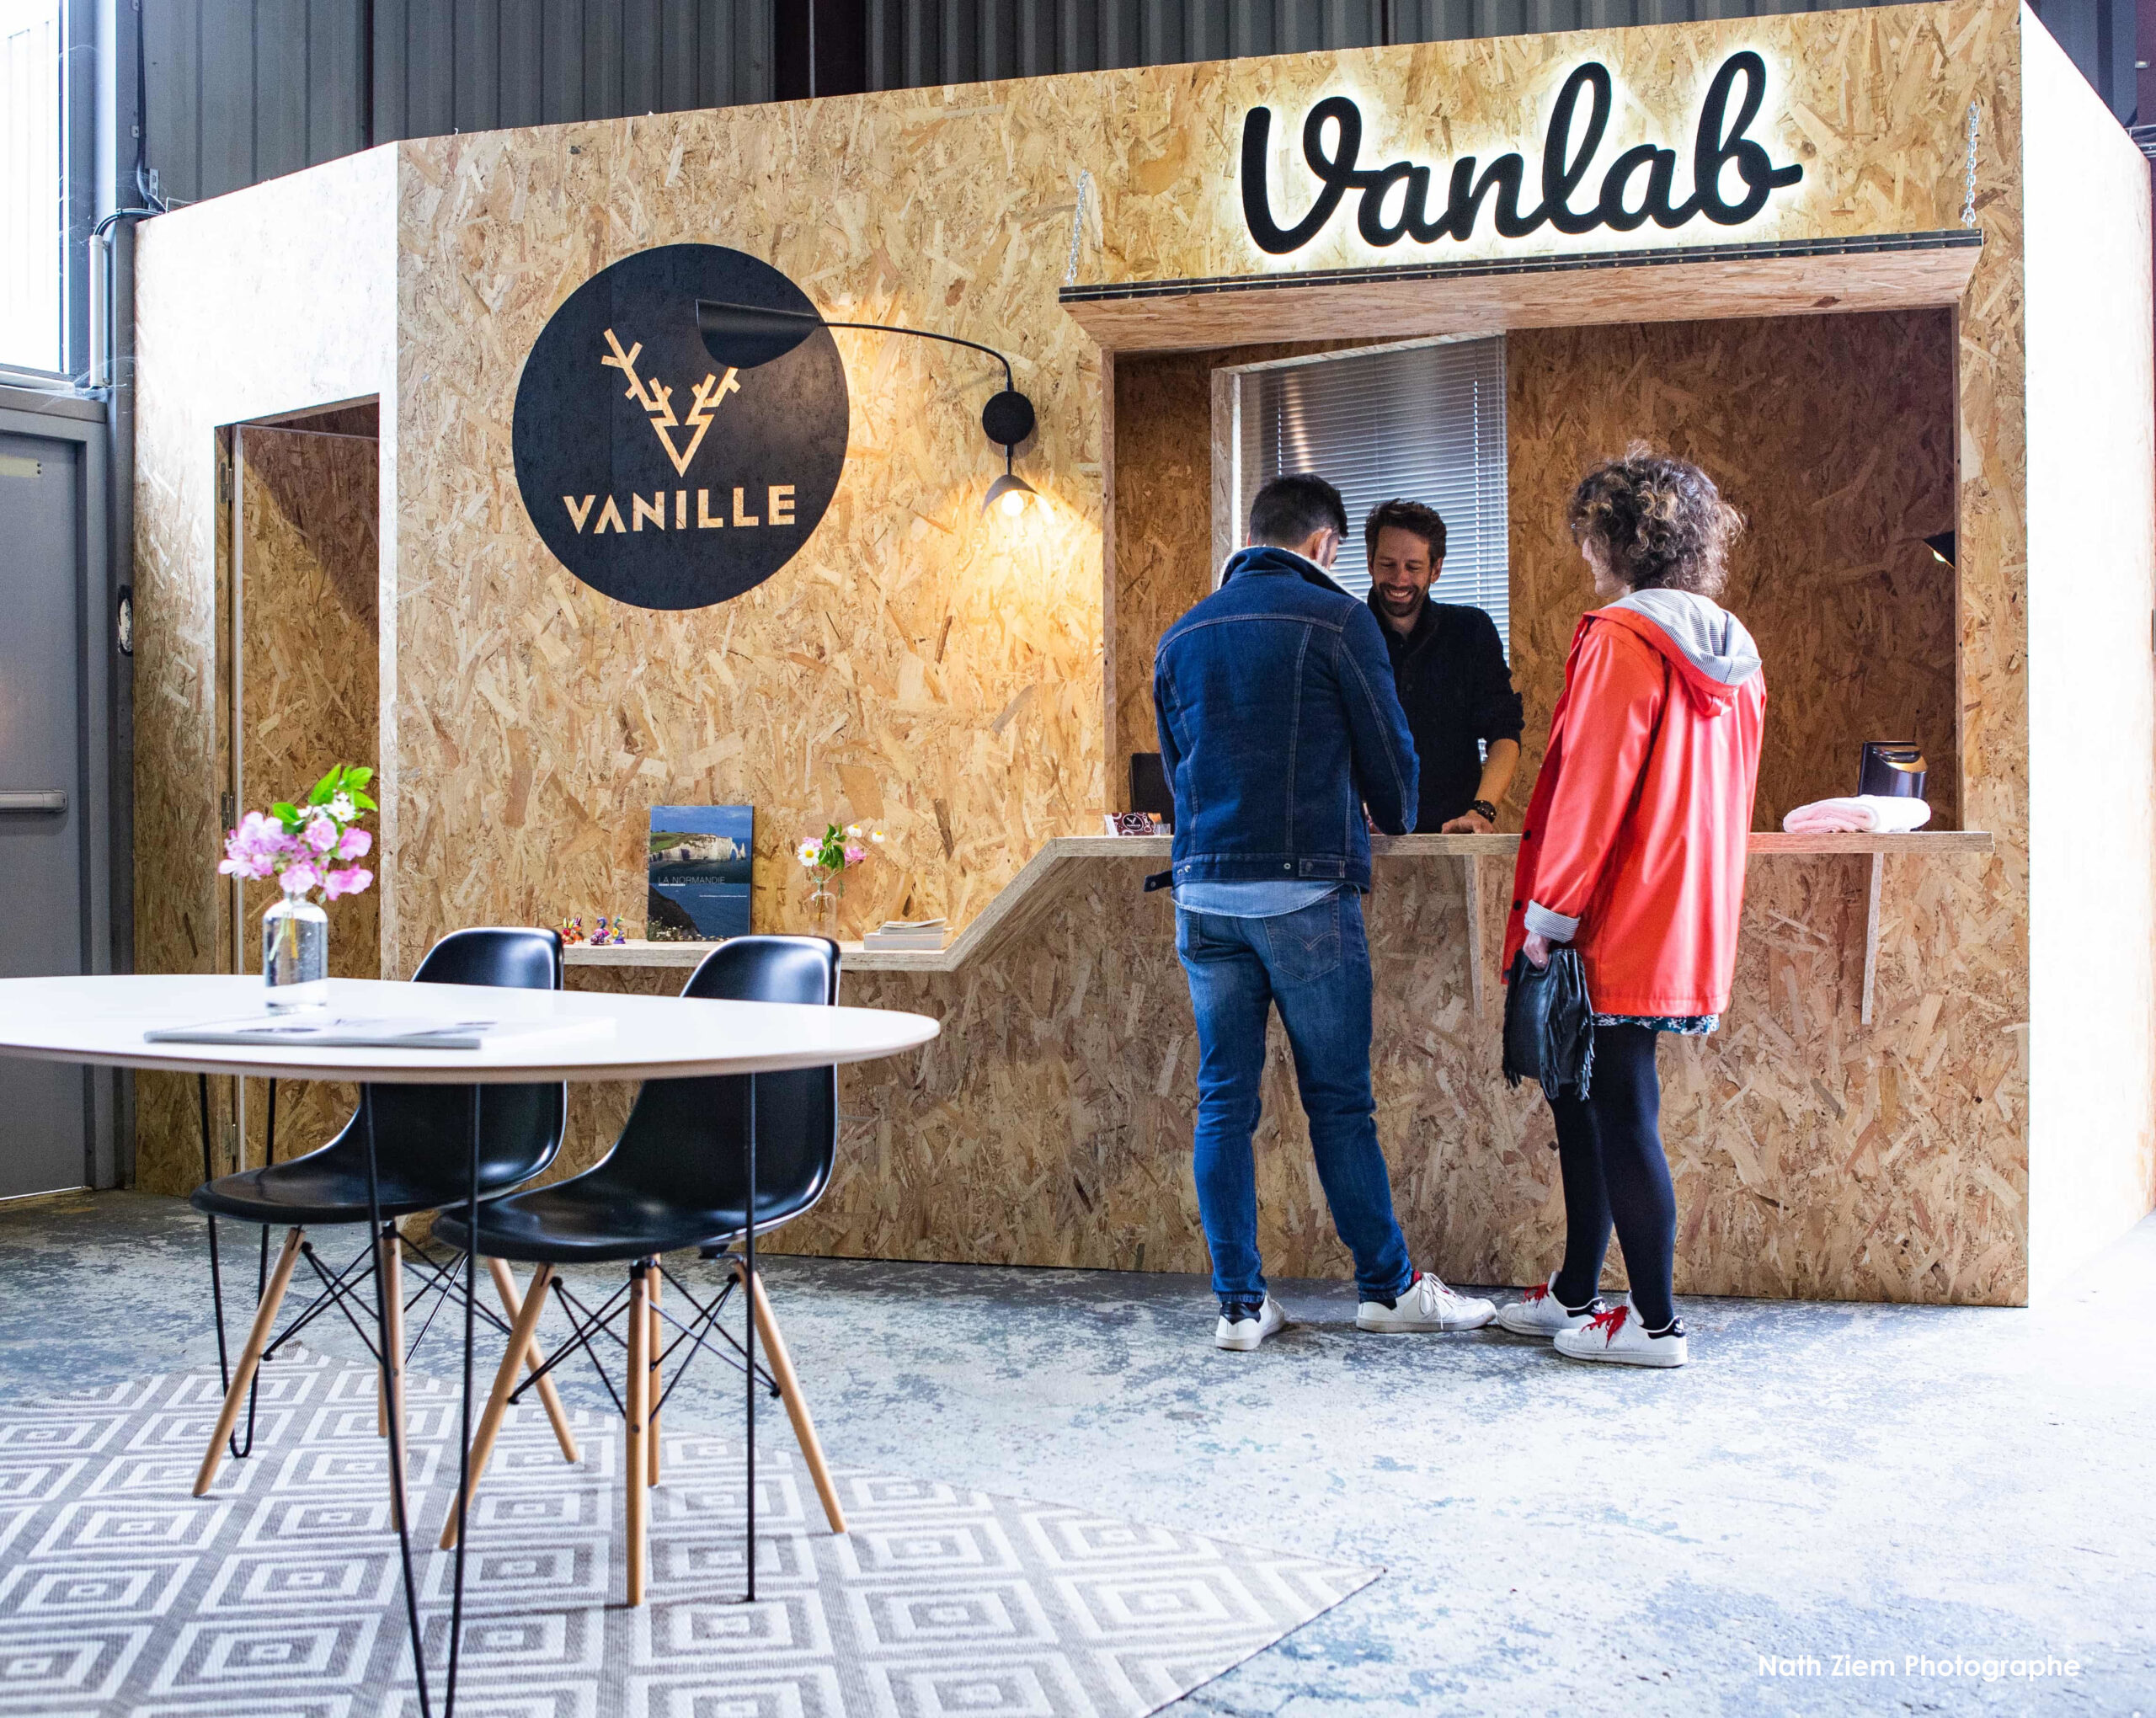 petites chambres d'hôtes mobiles en France